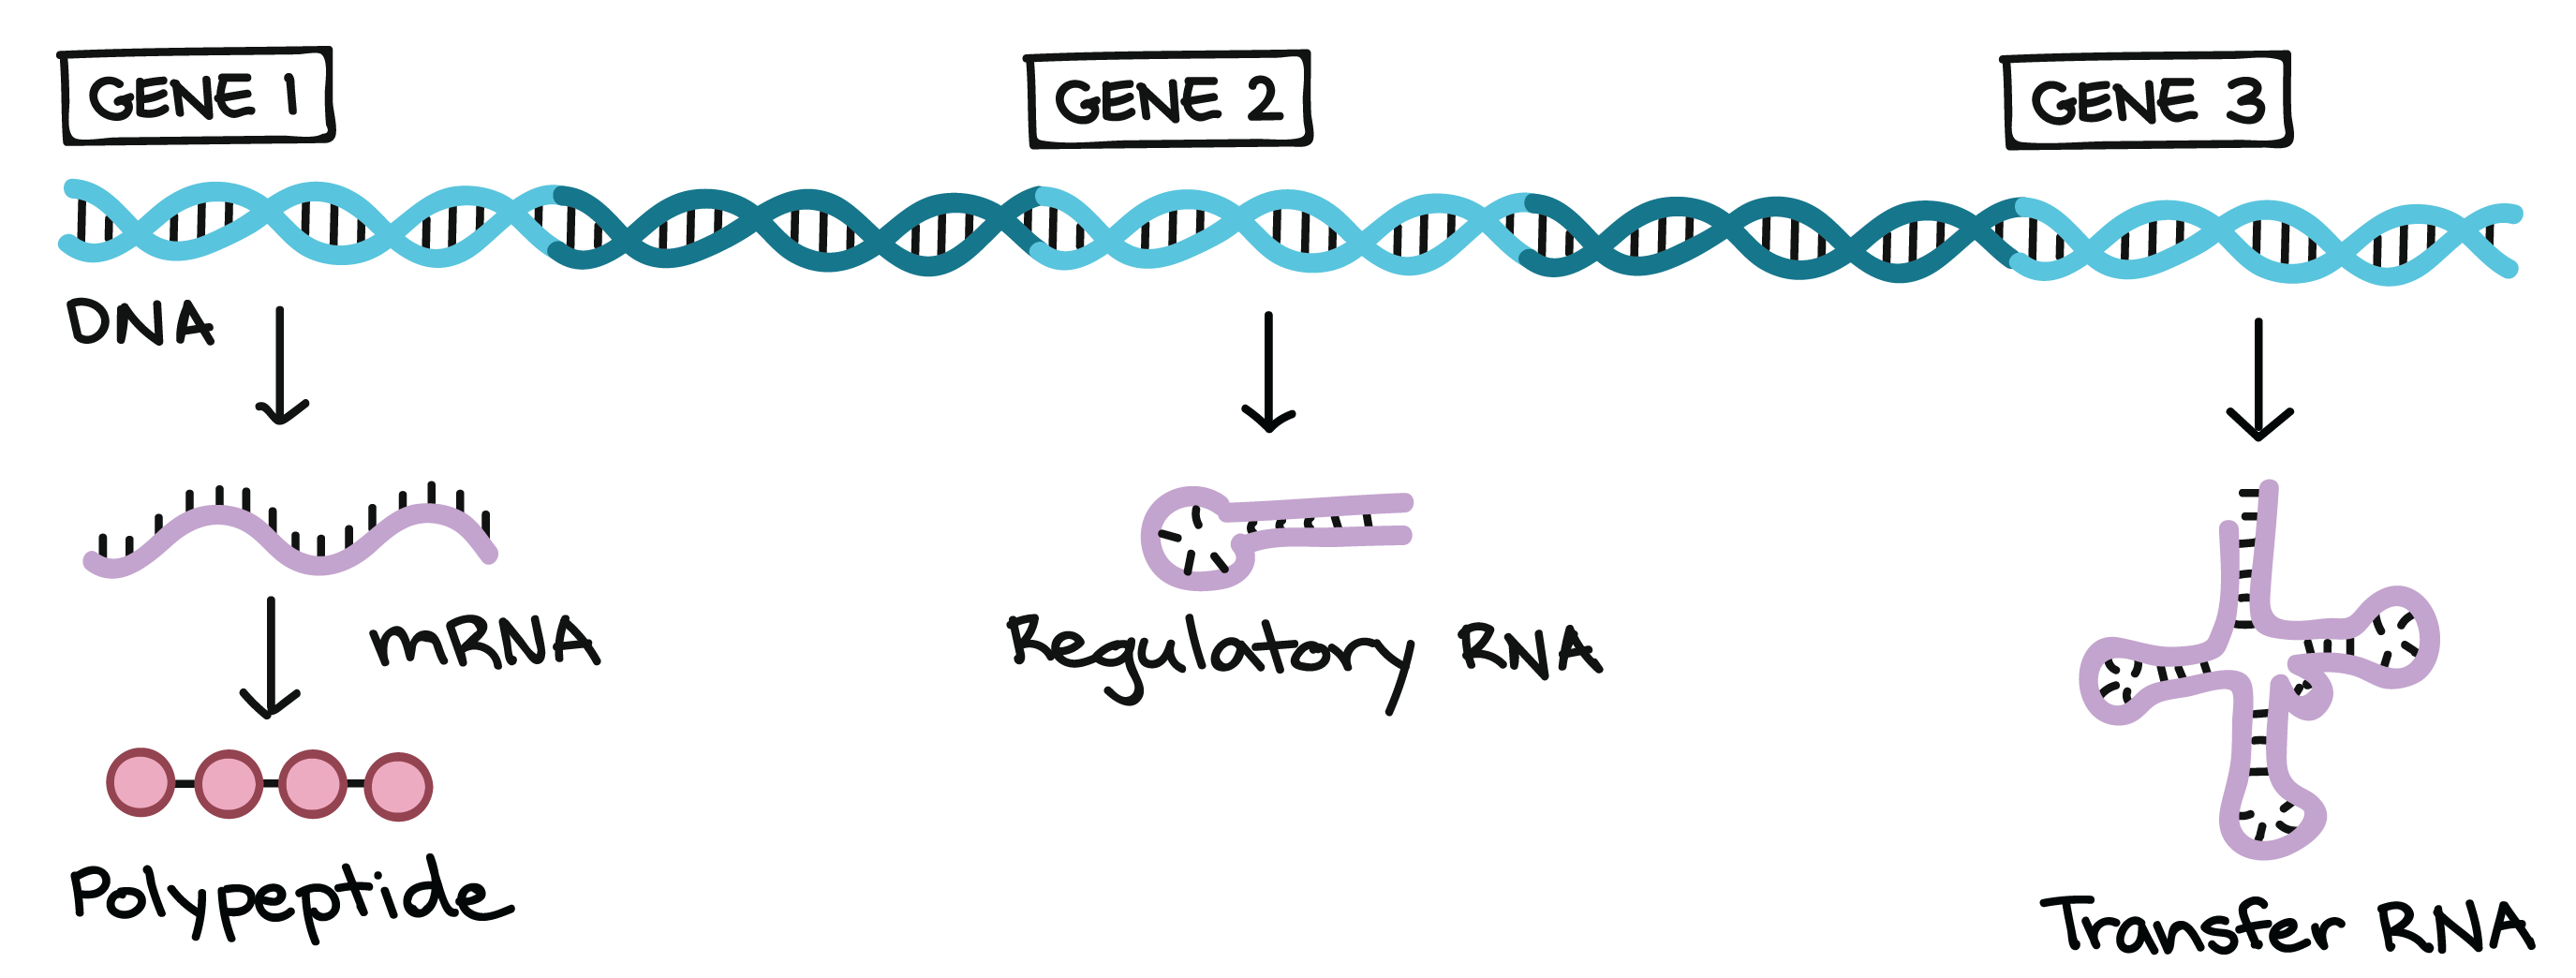 Dna Clipart Genetic Trait Dna Genetic Trait Transparent